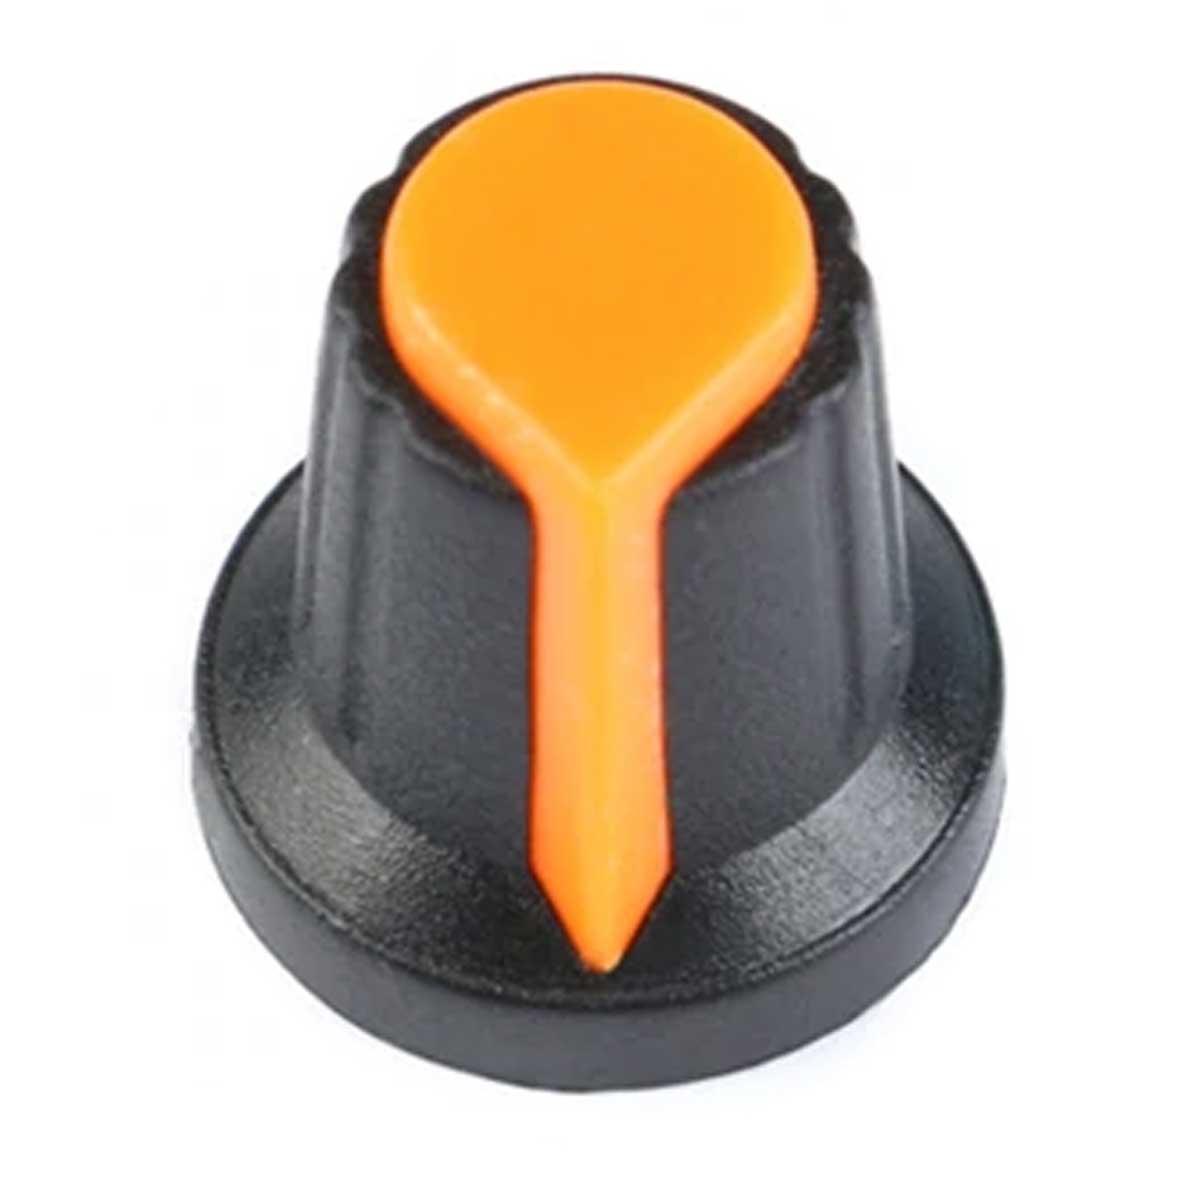 Kit com 5 Knob para Potenciômetro Estriado 6mm / Botão Volume - 1 de cada cor